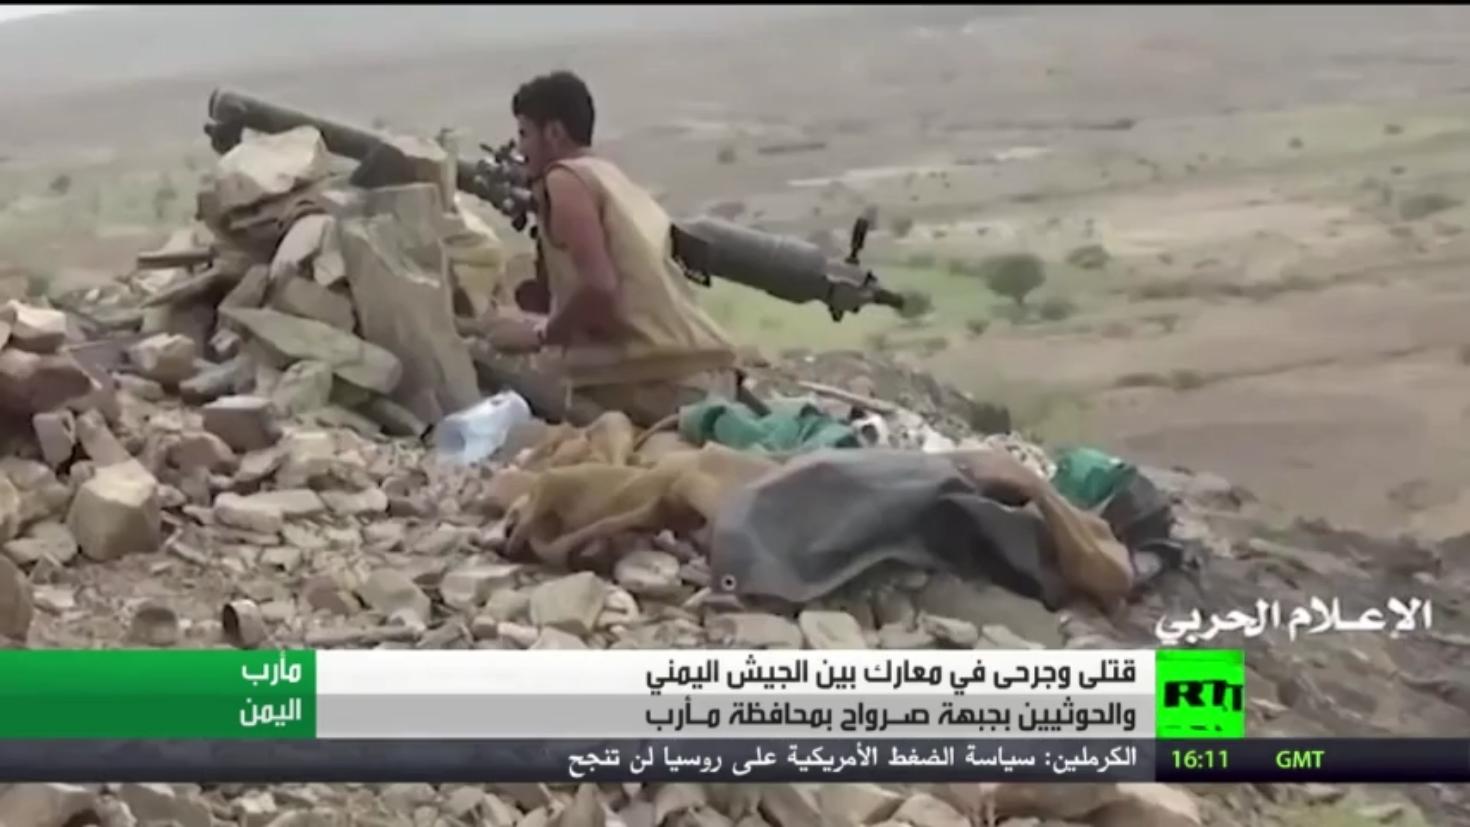 اليمن.. قتلى وجرحى بمعارك في مأرب